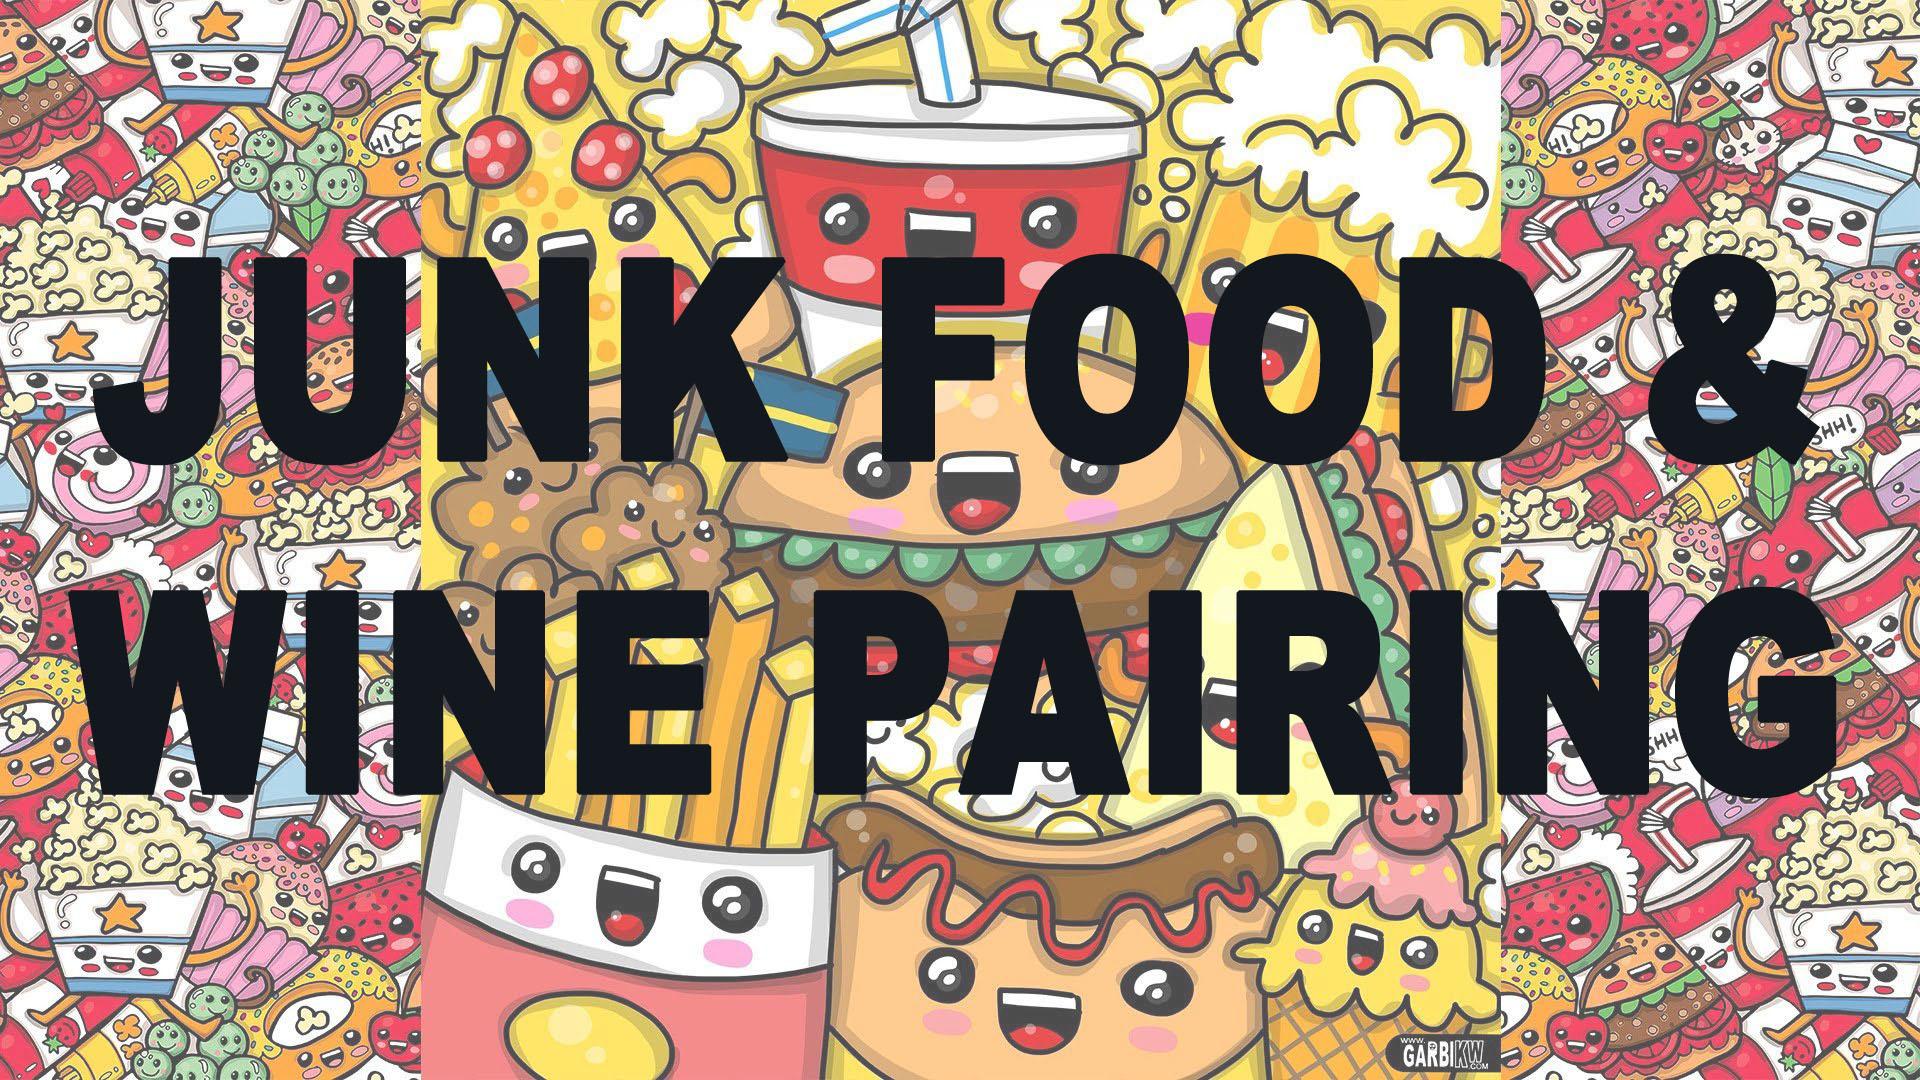 junk food.jpg